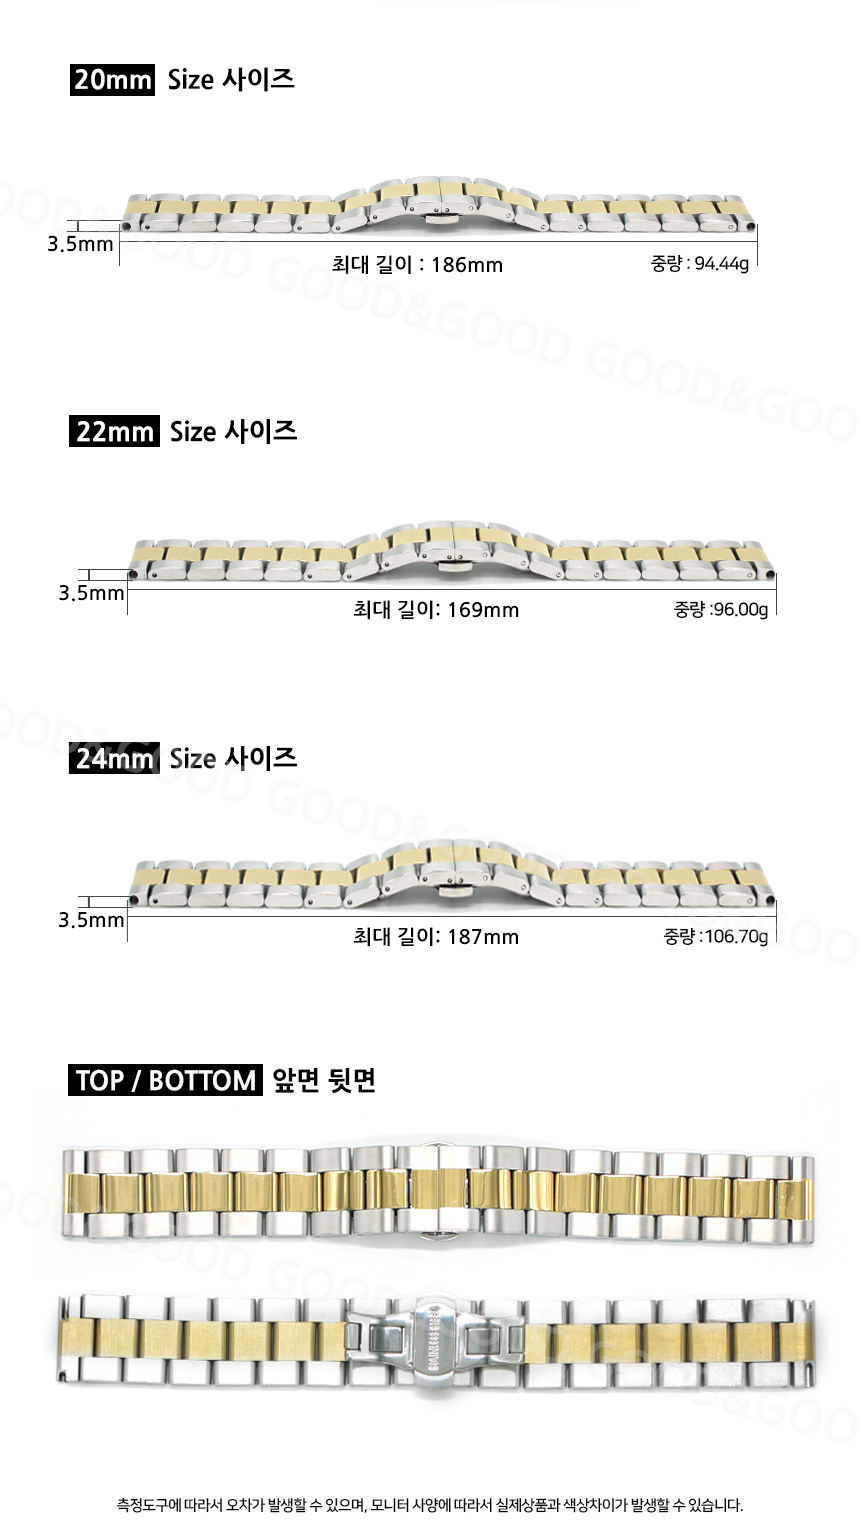 사이즈는 18mm 20mm 22mm 24mm 네가지 이며 20mm의 최대길이 186mm 22mm의 최대길이 169mm 24mm 최대길이 187mm 입니다.